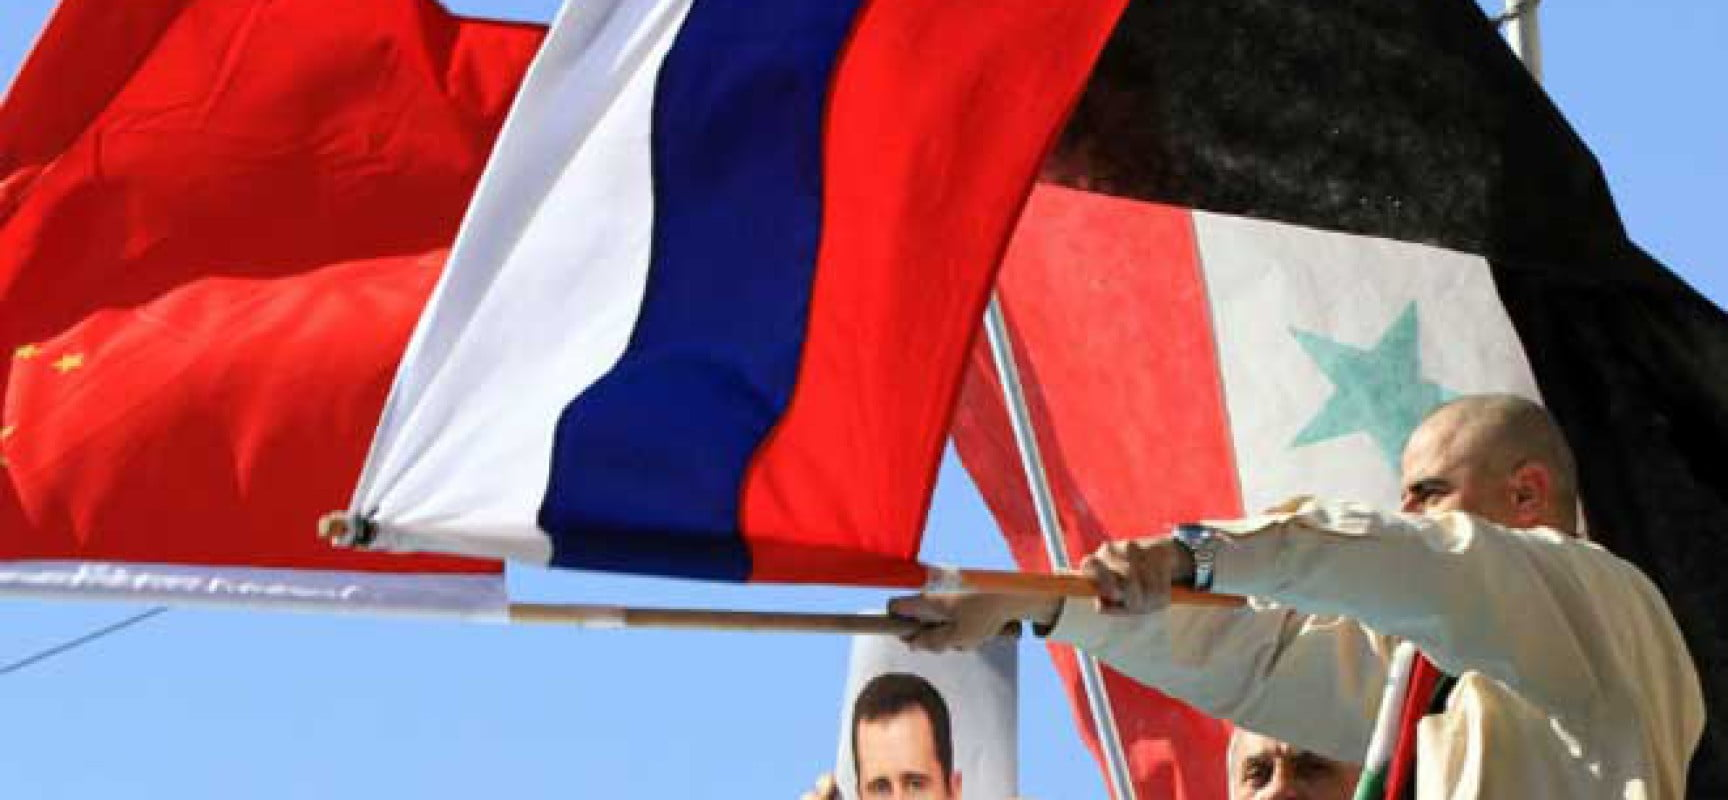 Περί στρατηγικής  το 2017 – Η Συρία, ένα κλειδί πρωτευούσης σημασίας για τη Ρωσία και τη Κίνα